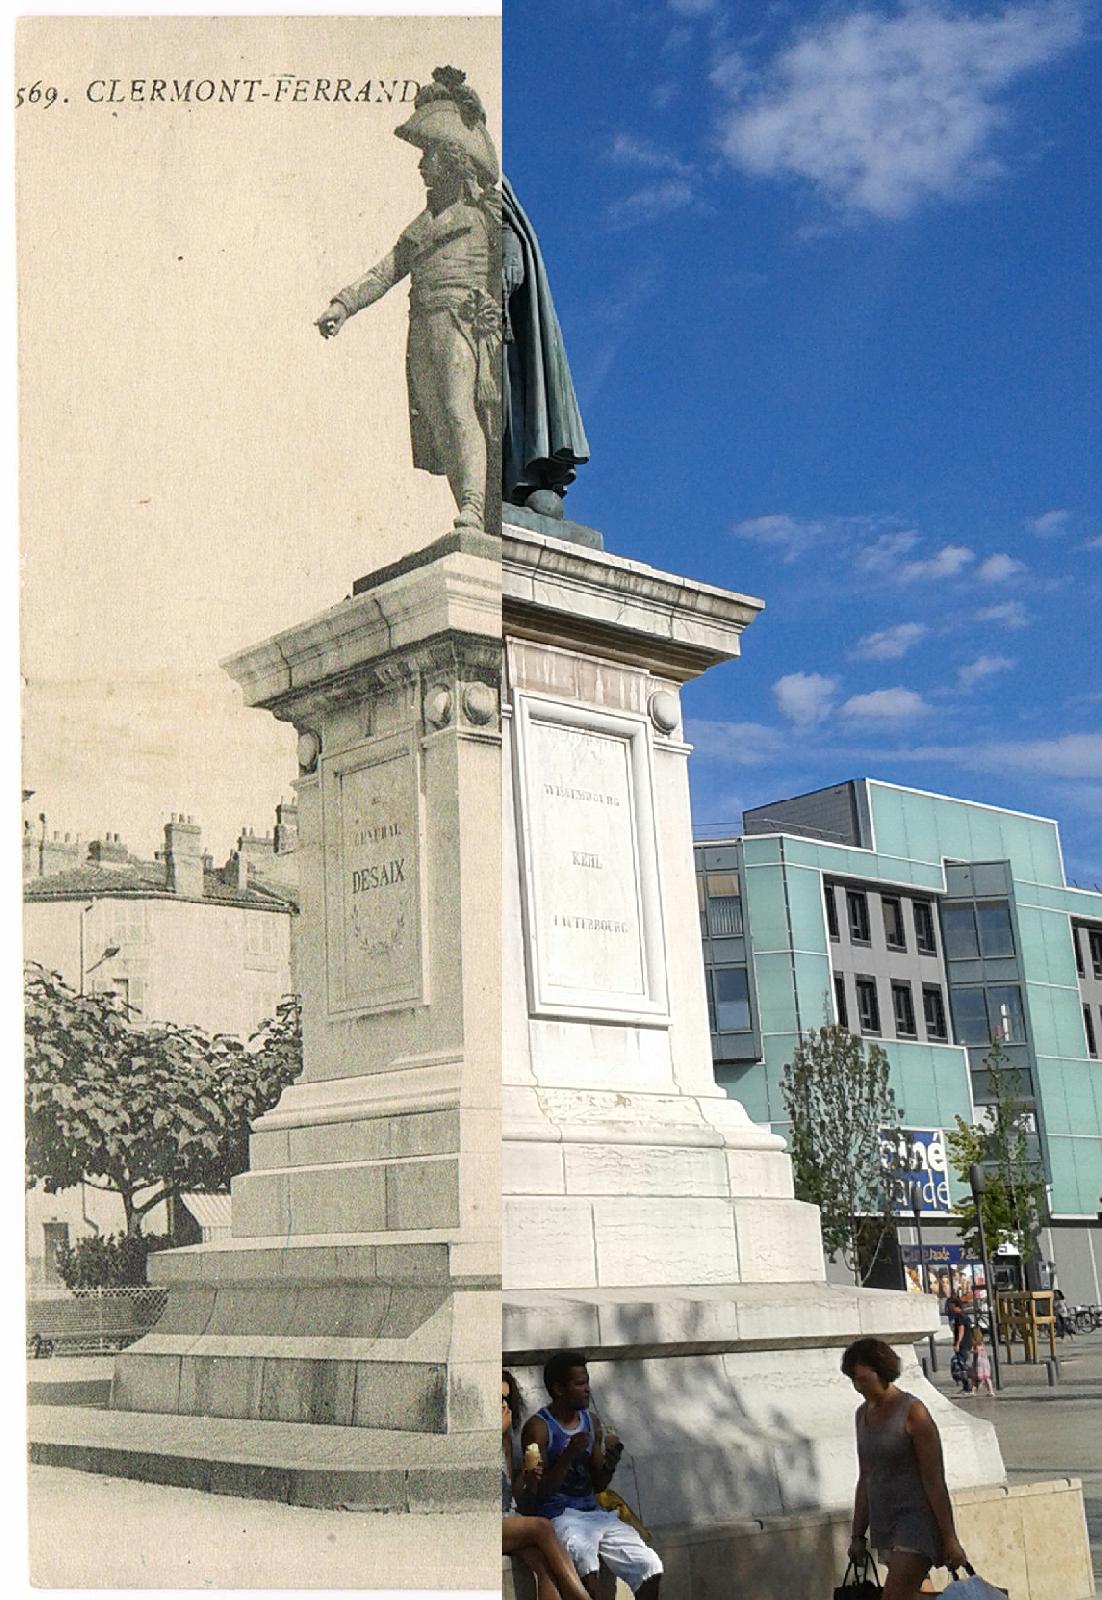 Clermont-Ferrand - Clermont-Ferrand - INSEE 63113 - Monument du Général Desaix né le 17 08 1768 au Château de St Hilaire à Ayat-sur-Sioule, décédé à Marengo le 14 06 1800. Ref.569.